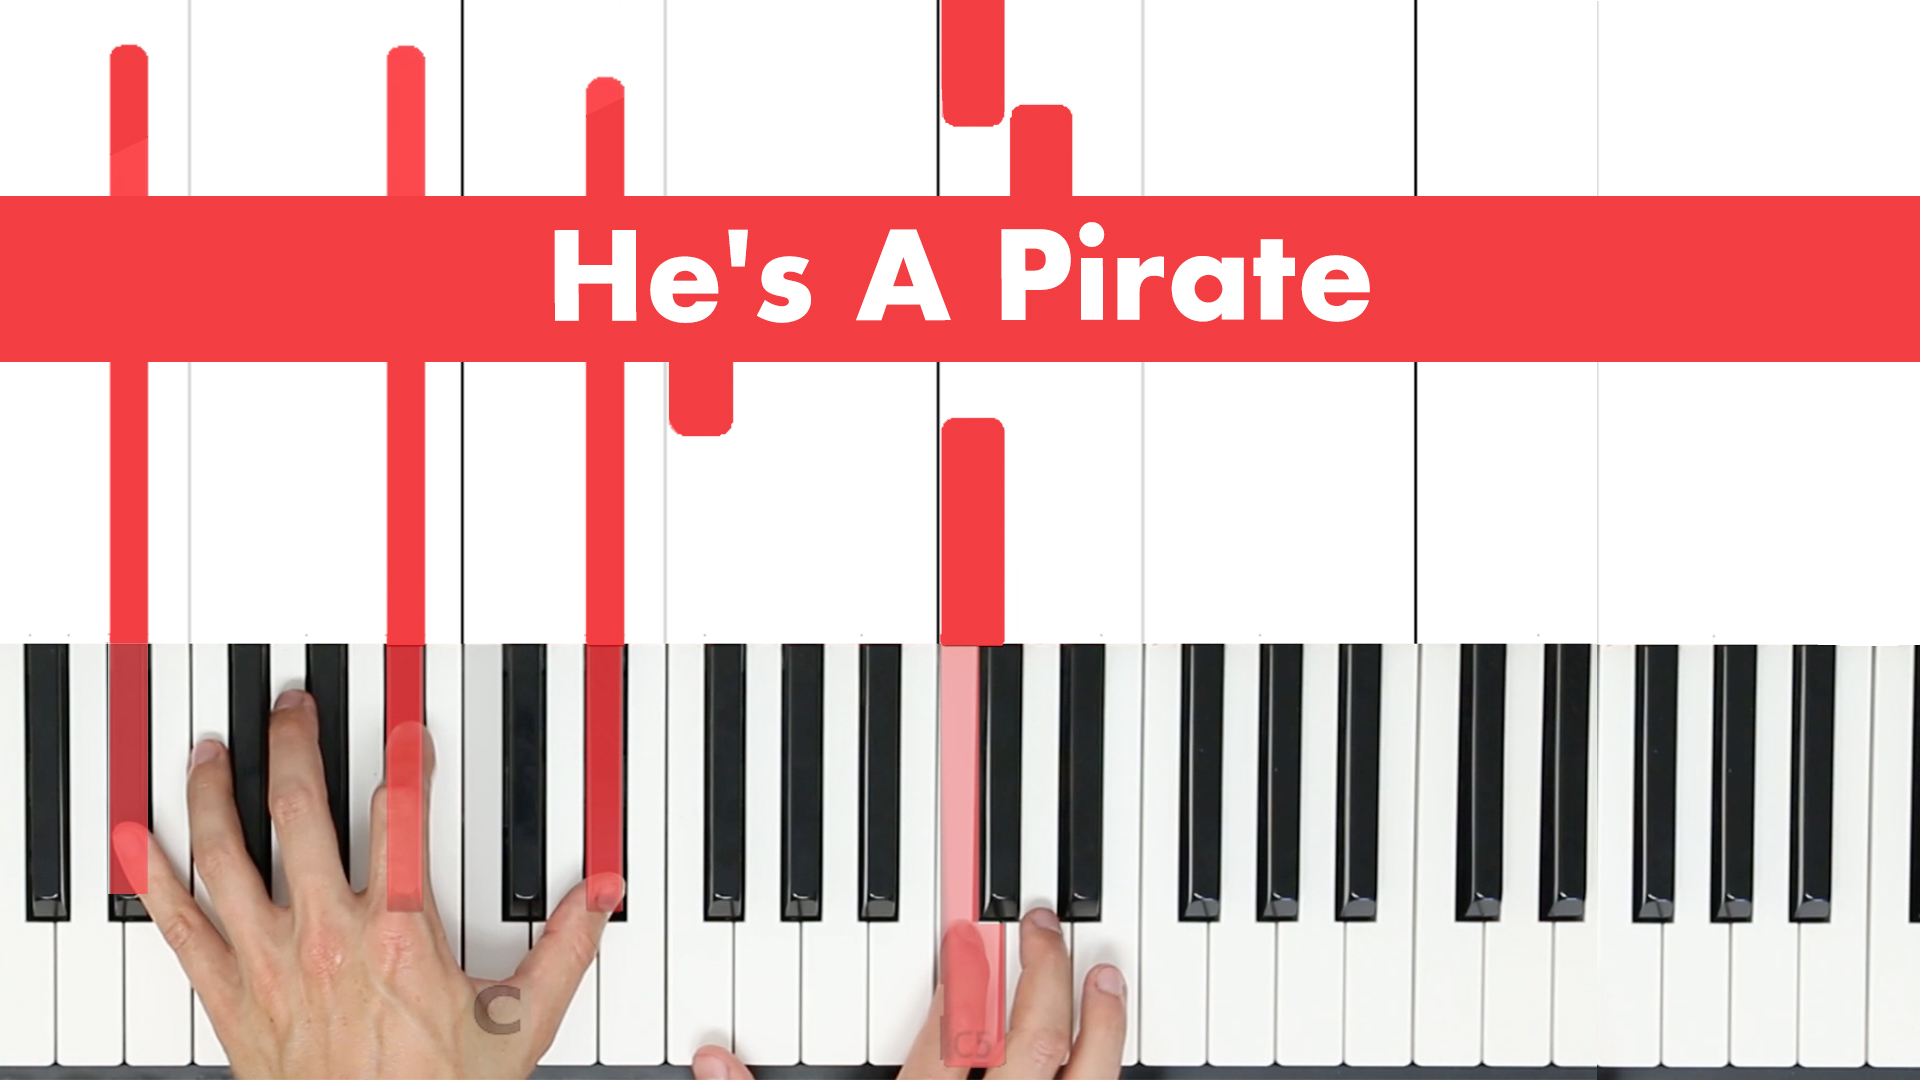 He's A Pirate – Original